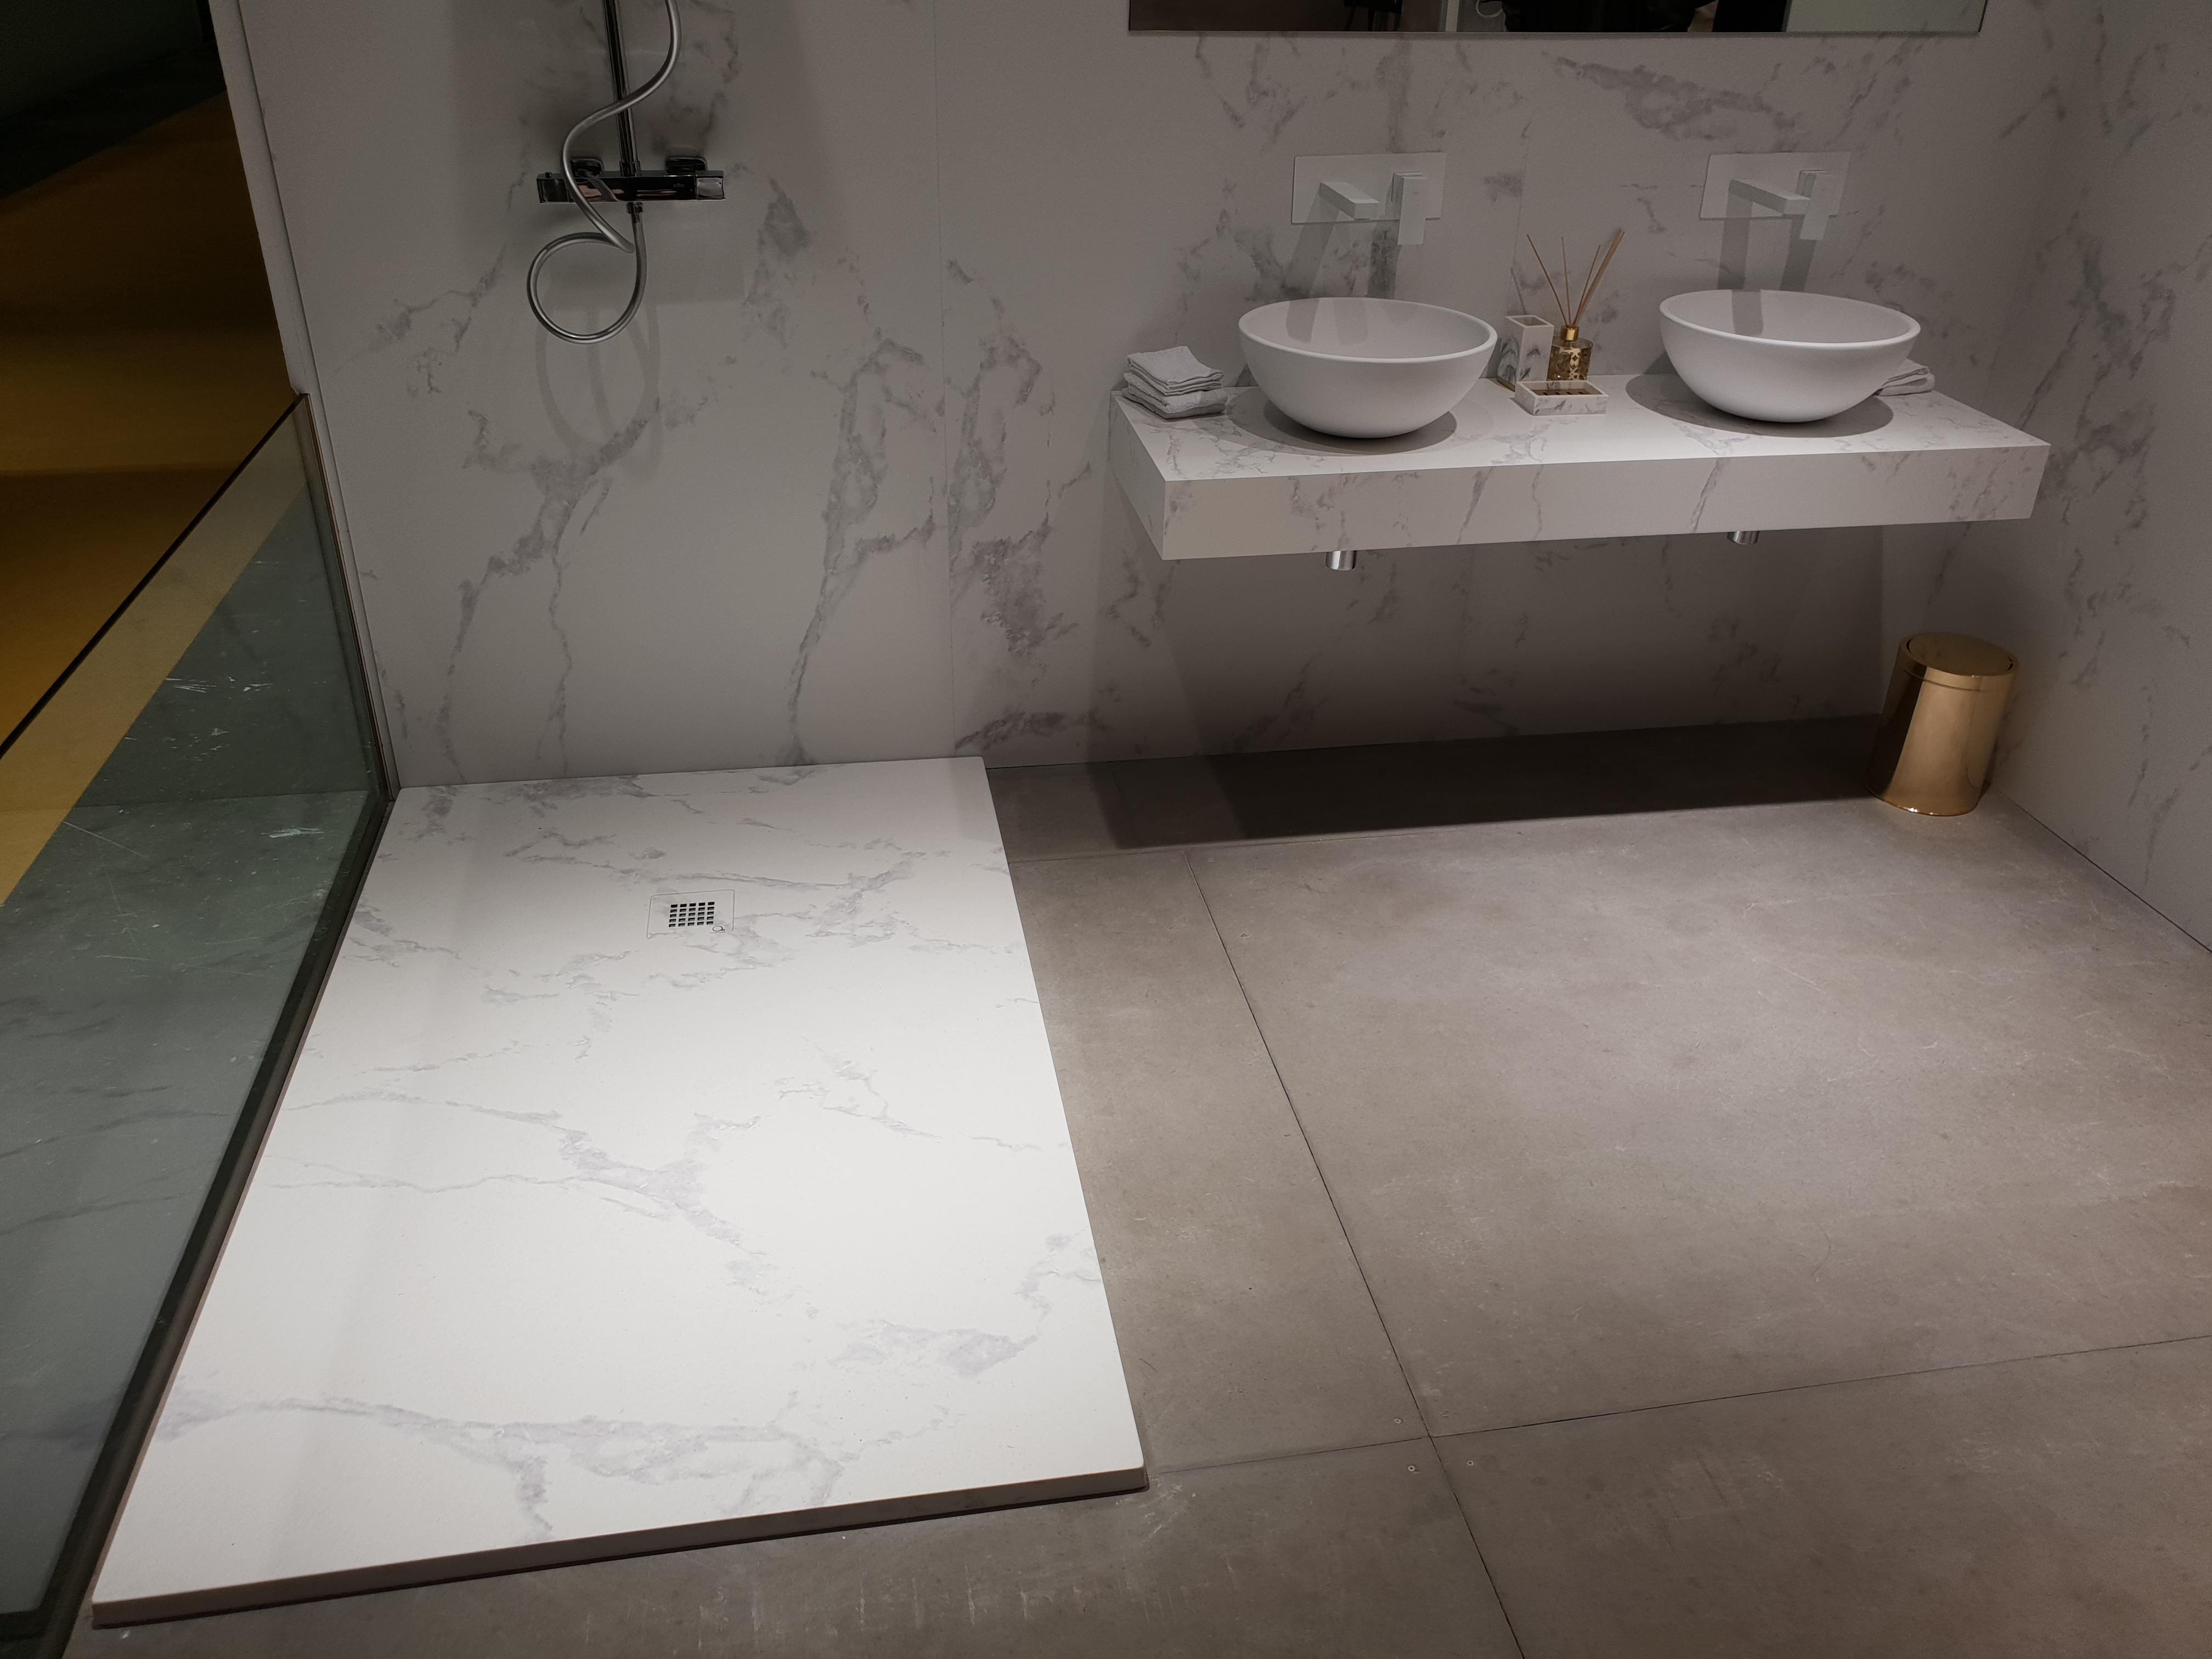 ambiente de baño personalizado en impresión digital imitación mármol